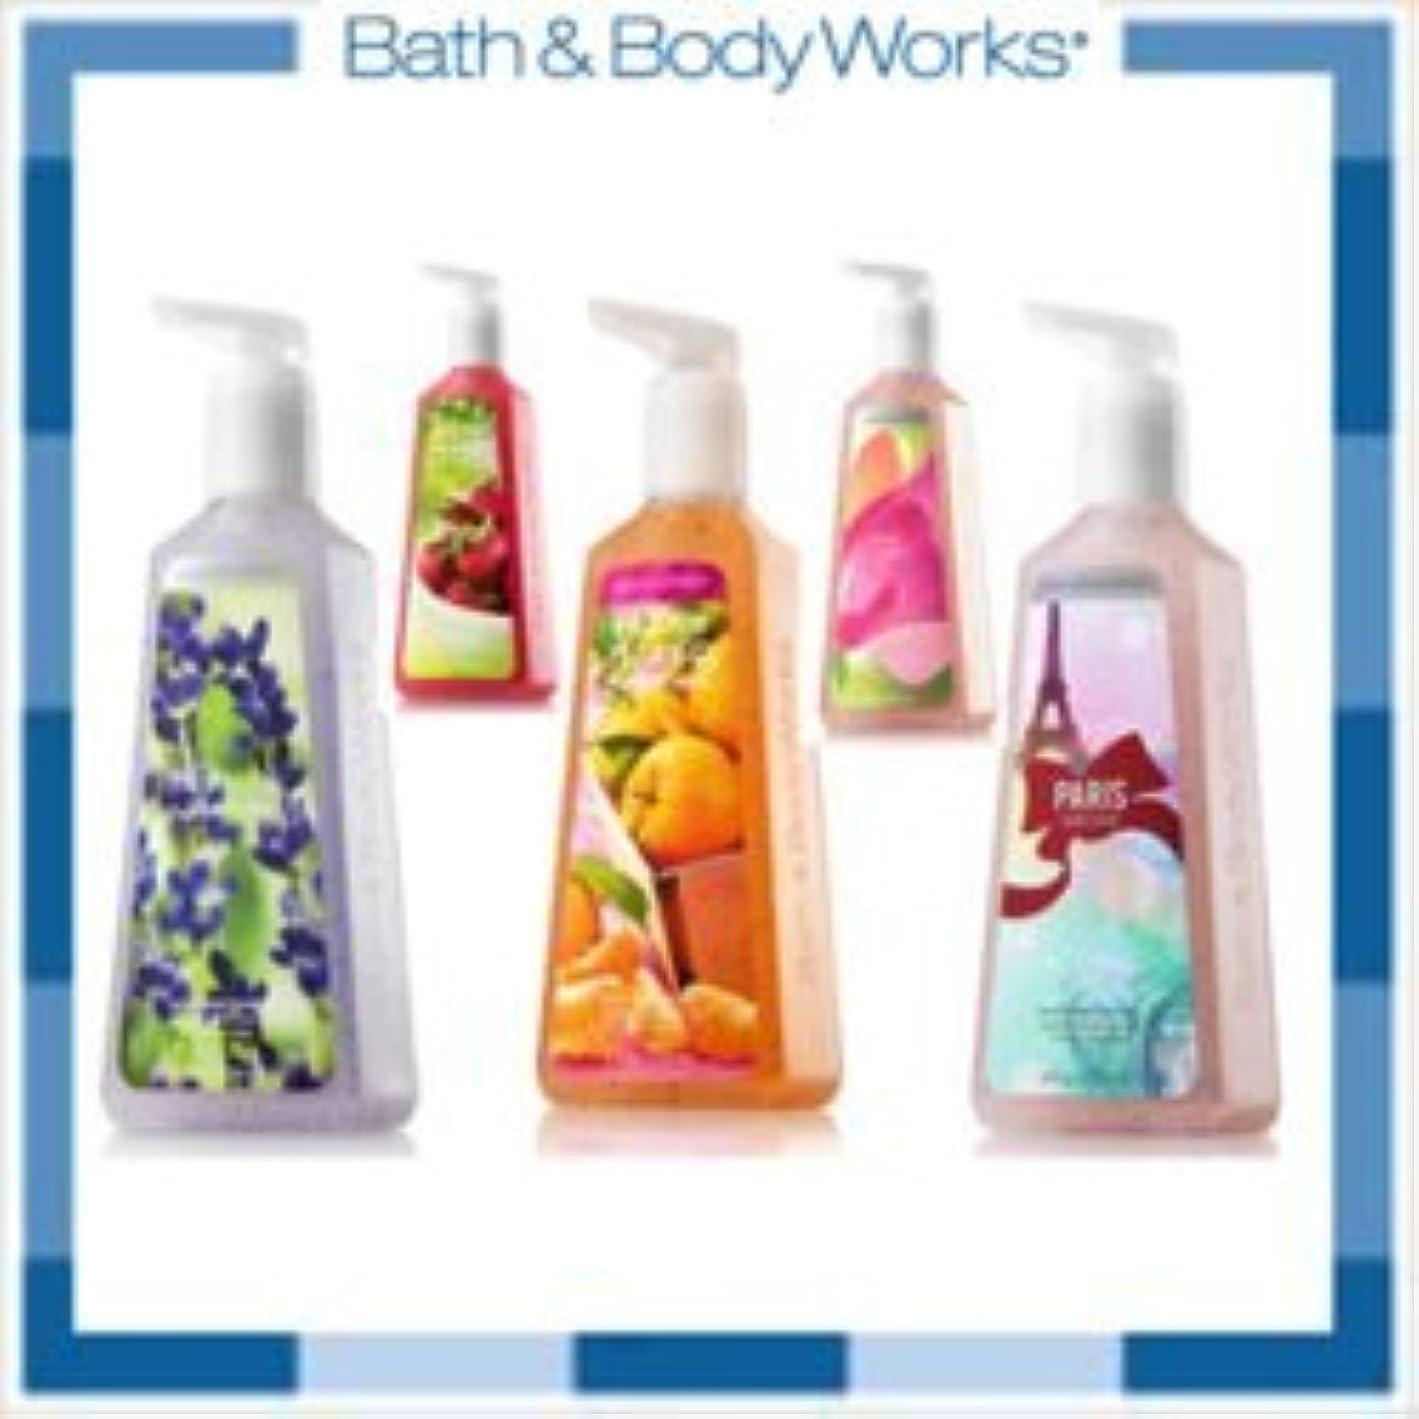 審判塗抹再生的Bath & Body Works ハンドソープ 8本詰め合わせセット (???????、??????????????or MIX) 【平行輸入品】 (ディープクレンジング  (8本))